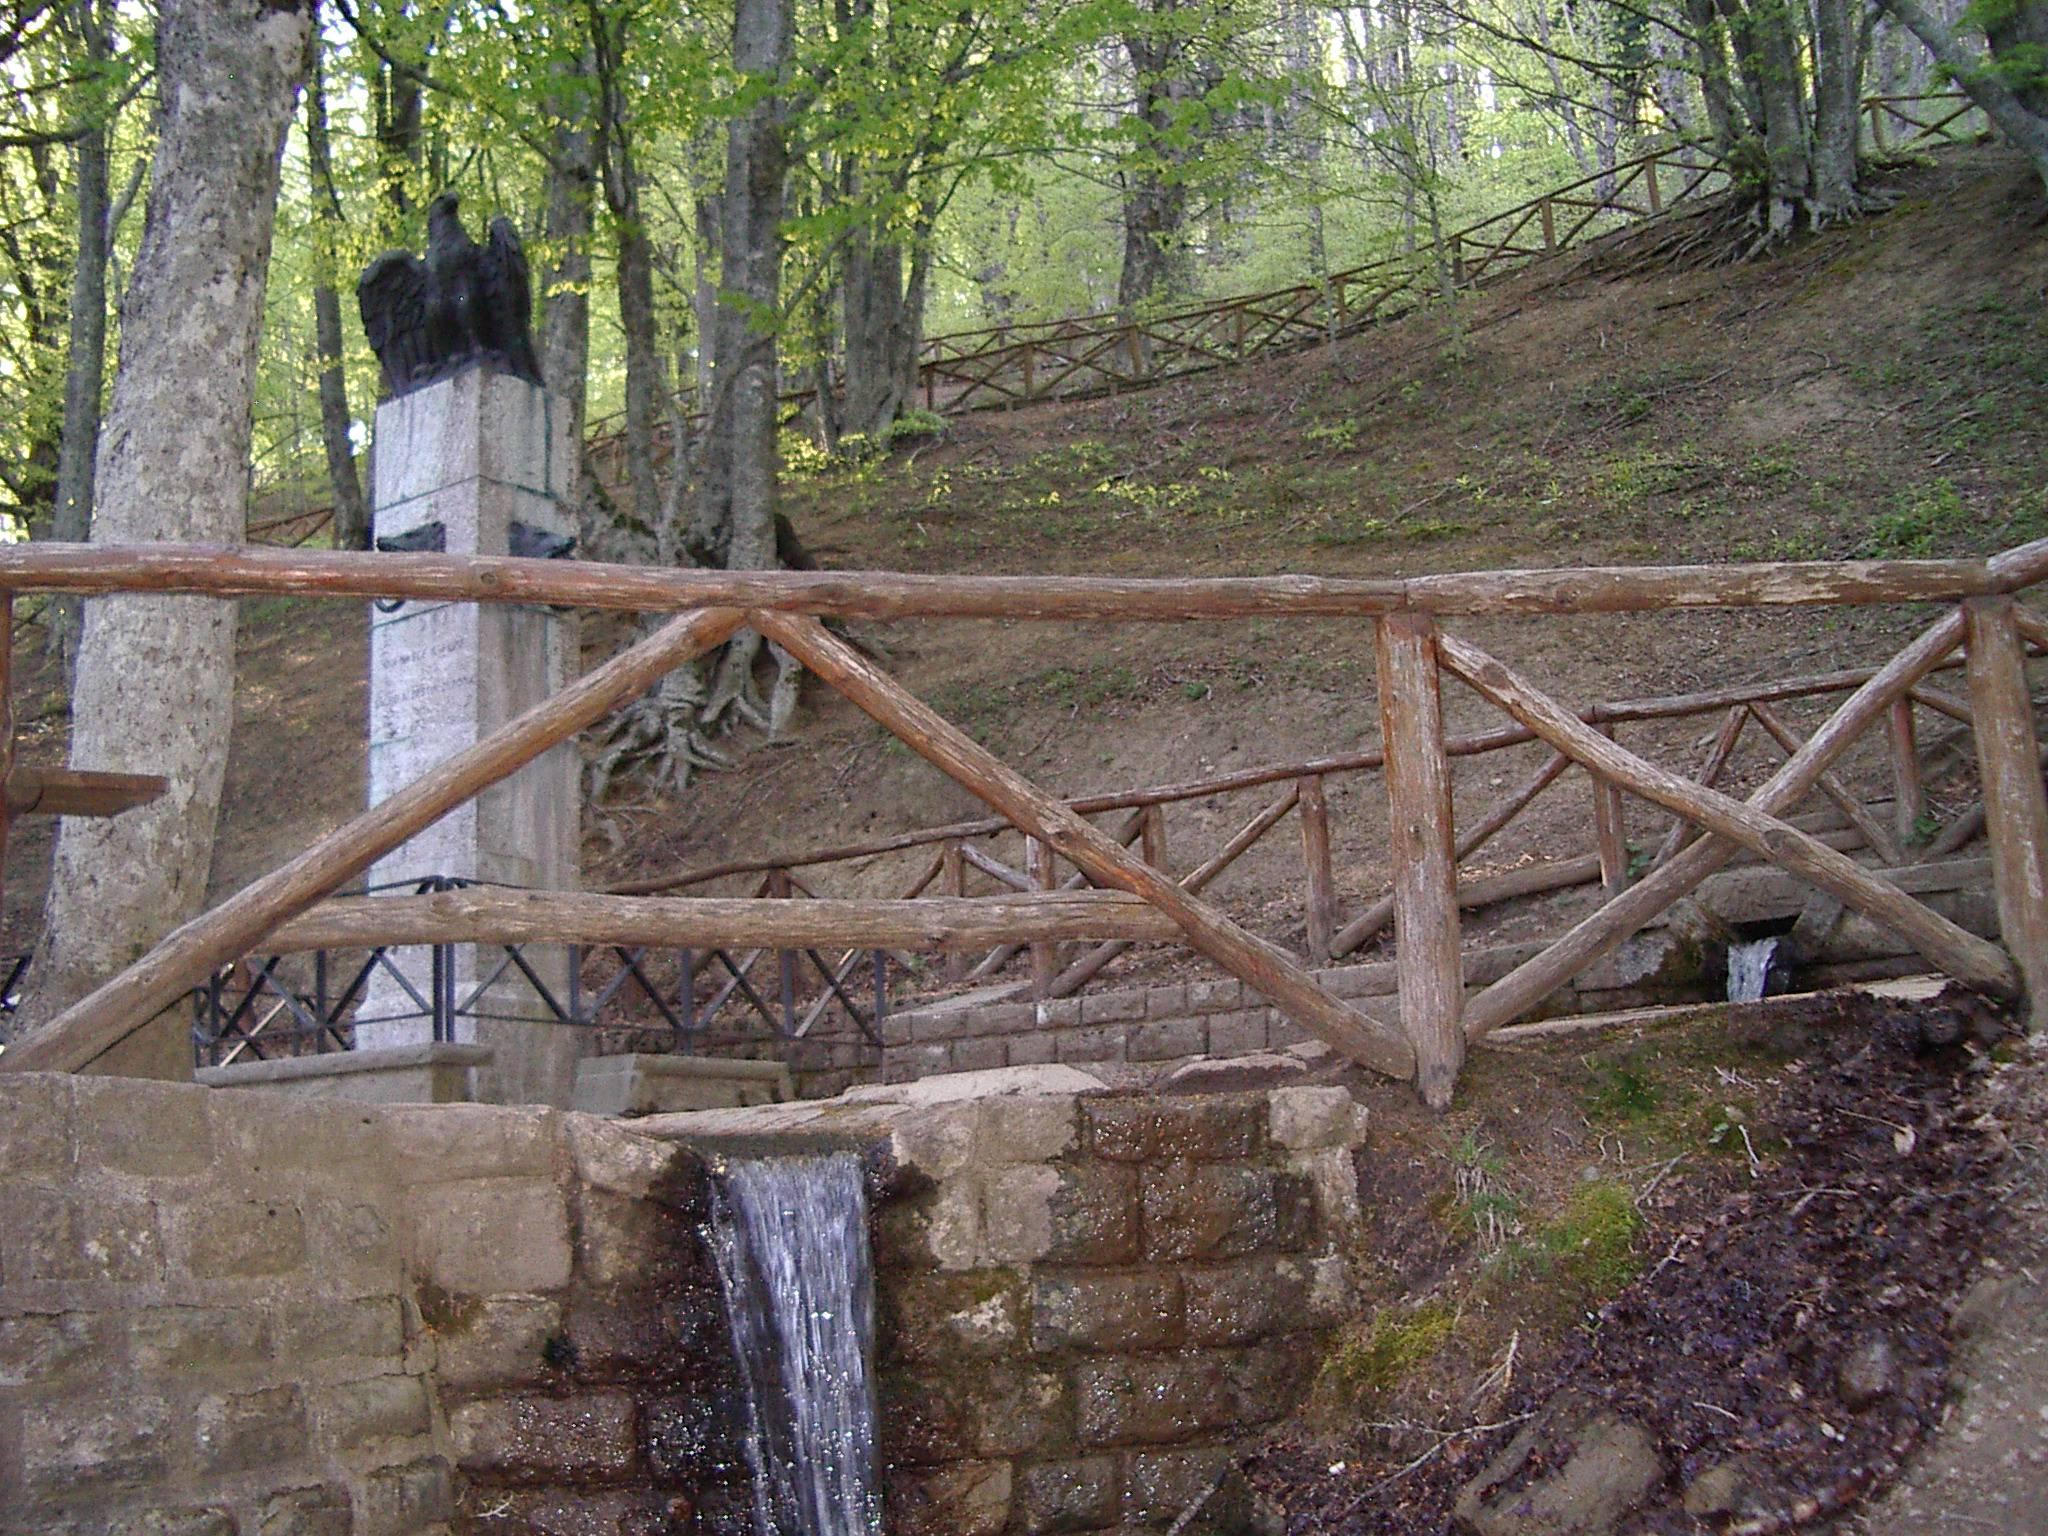 Sul monte Fumaiolo, dove nasce il fiume Tevere | Romagna da Vivere